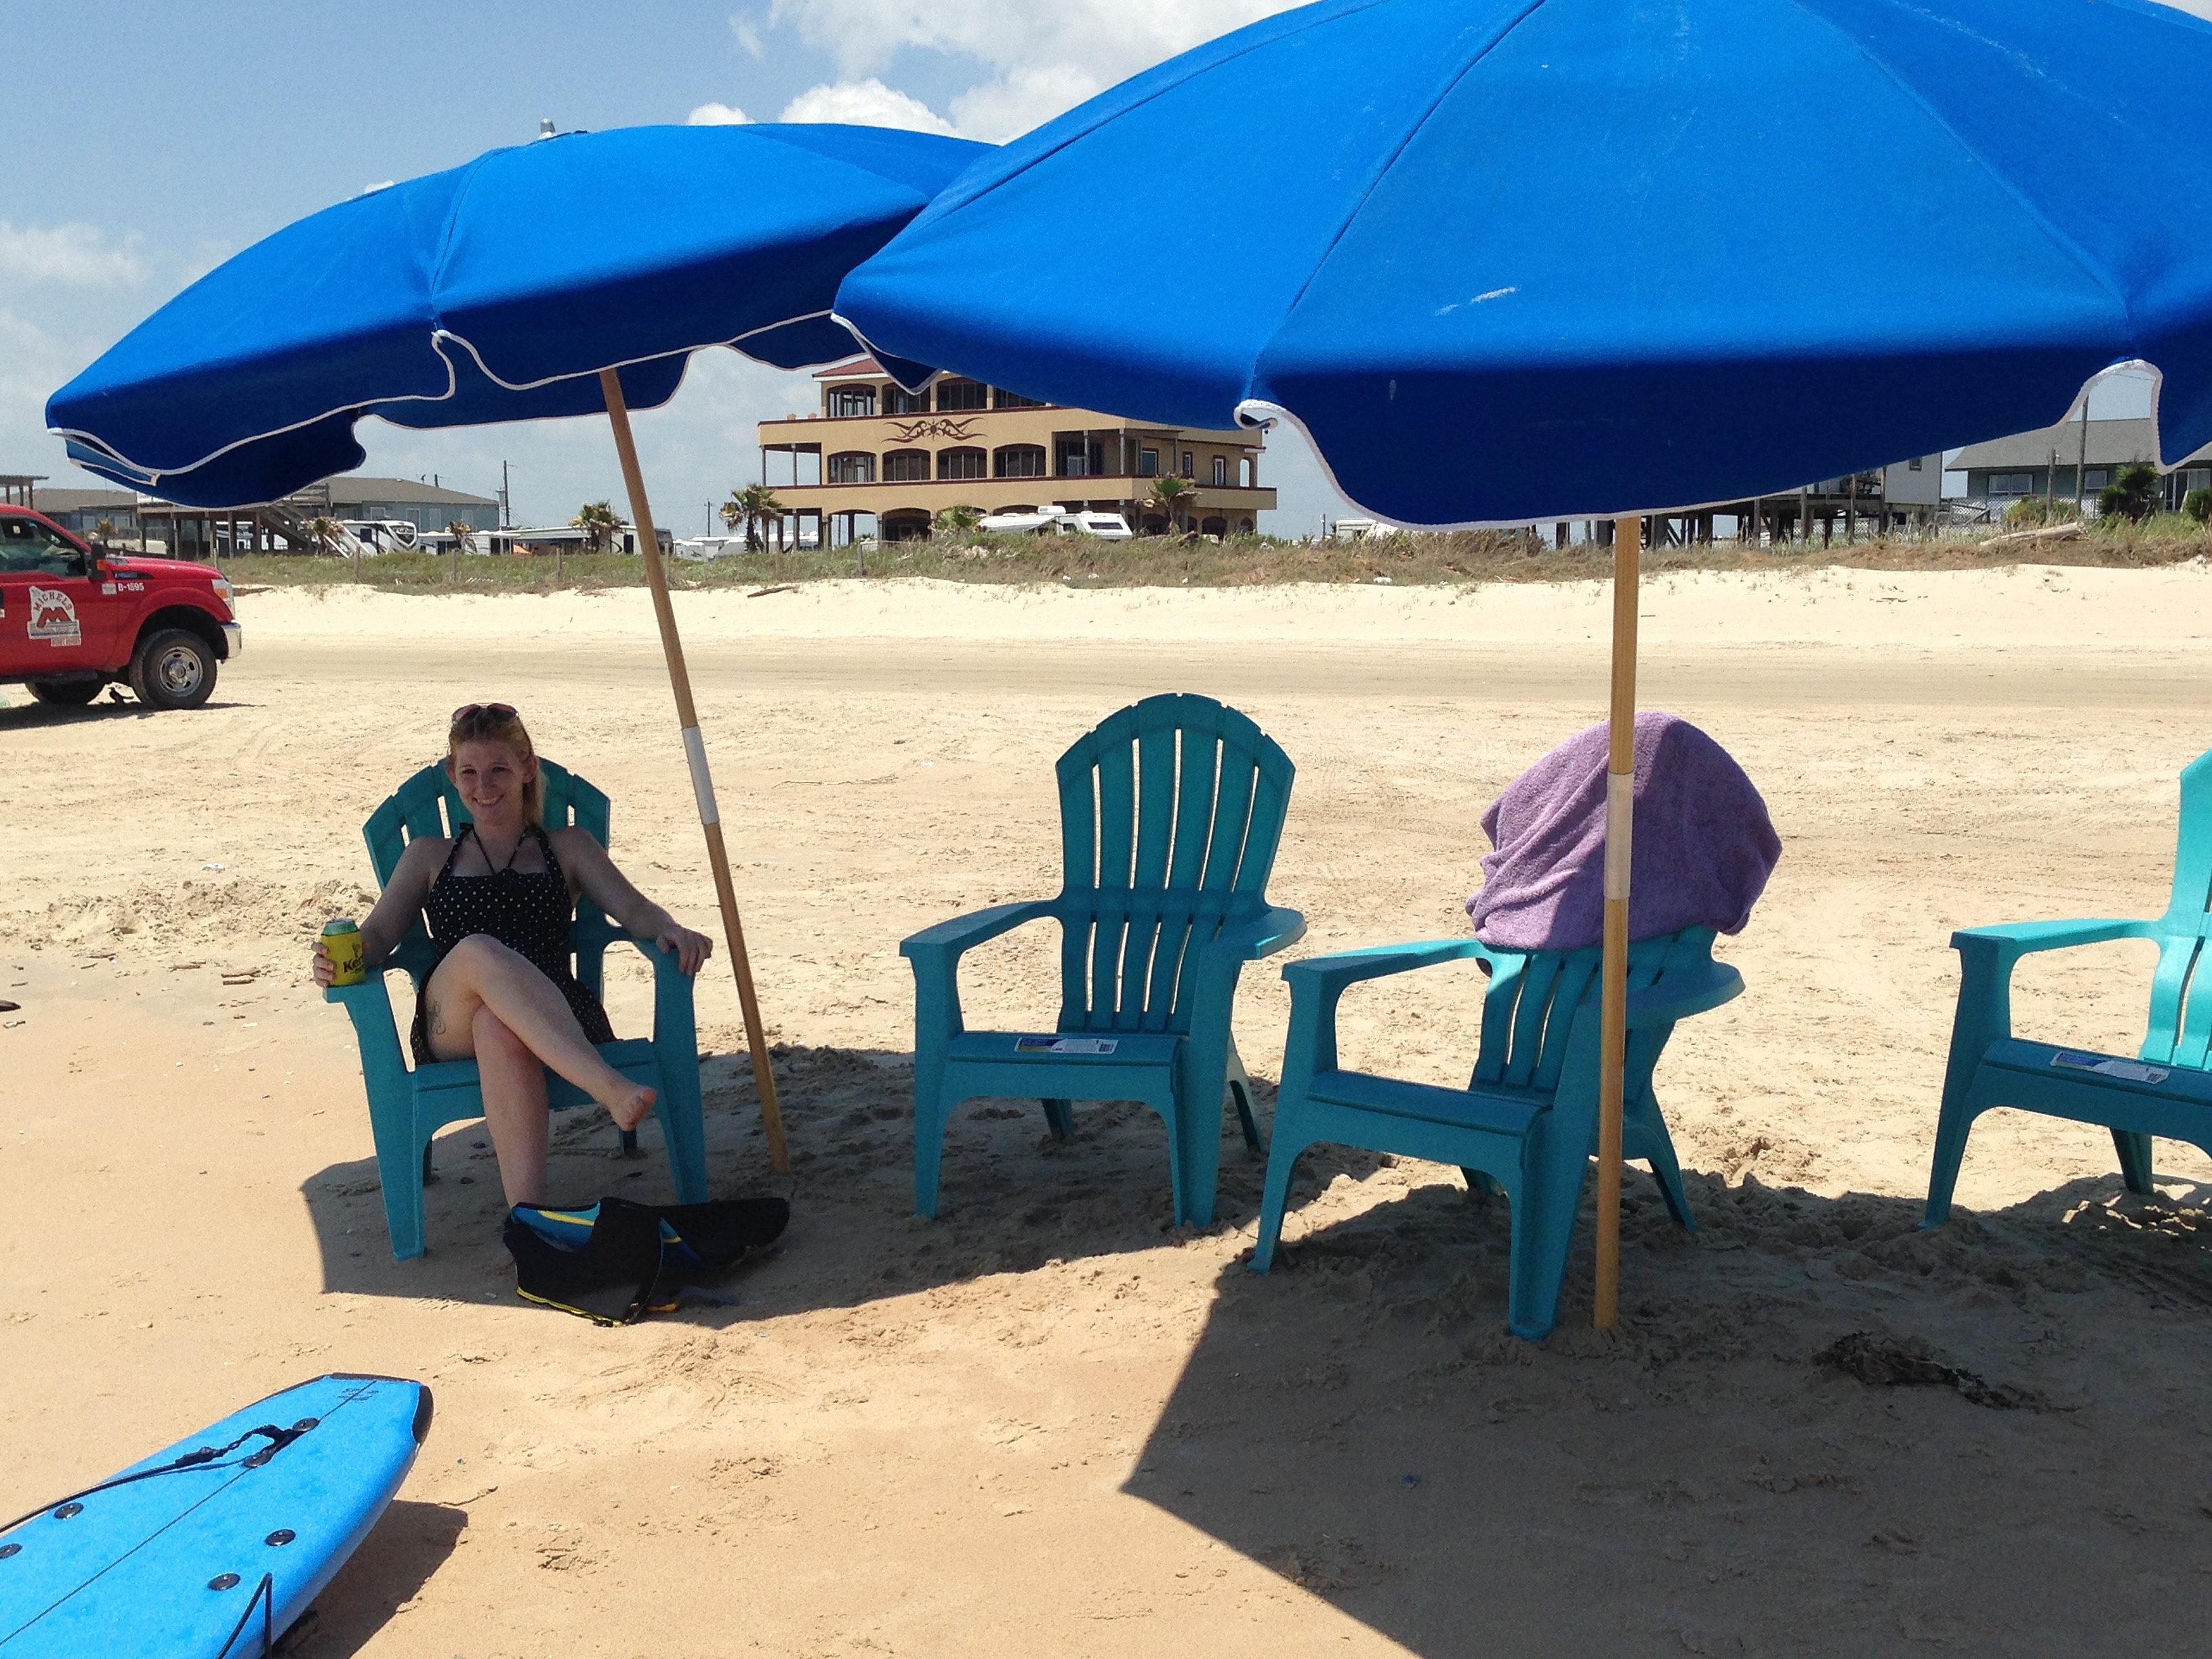 2 beach chairs on the beach - 2